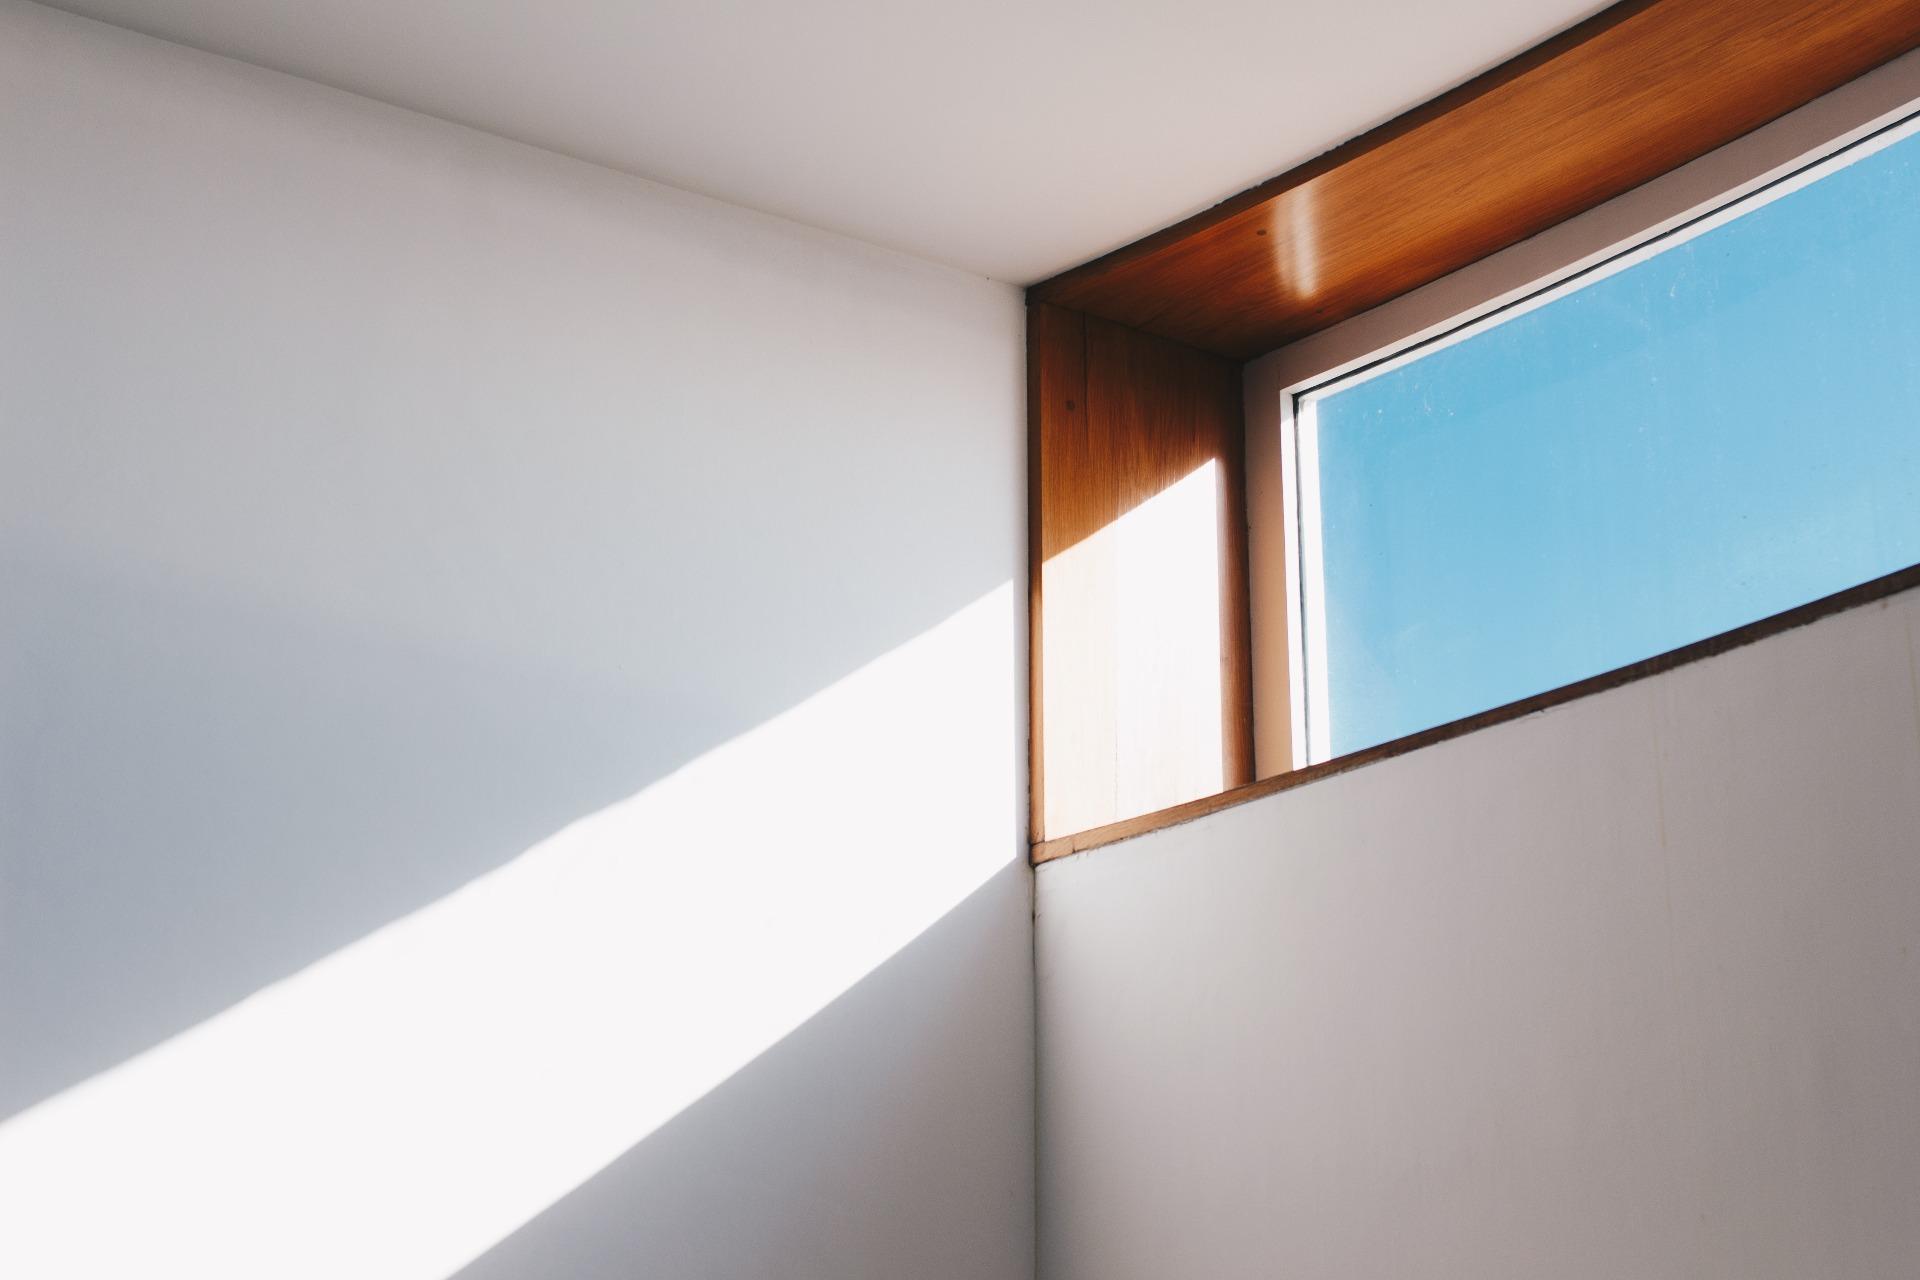 Než začnete vybírat nová okna